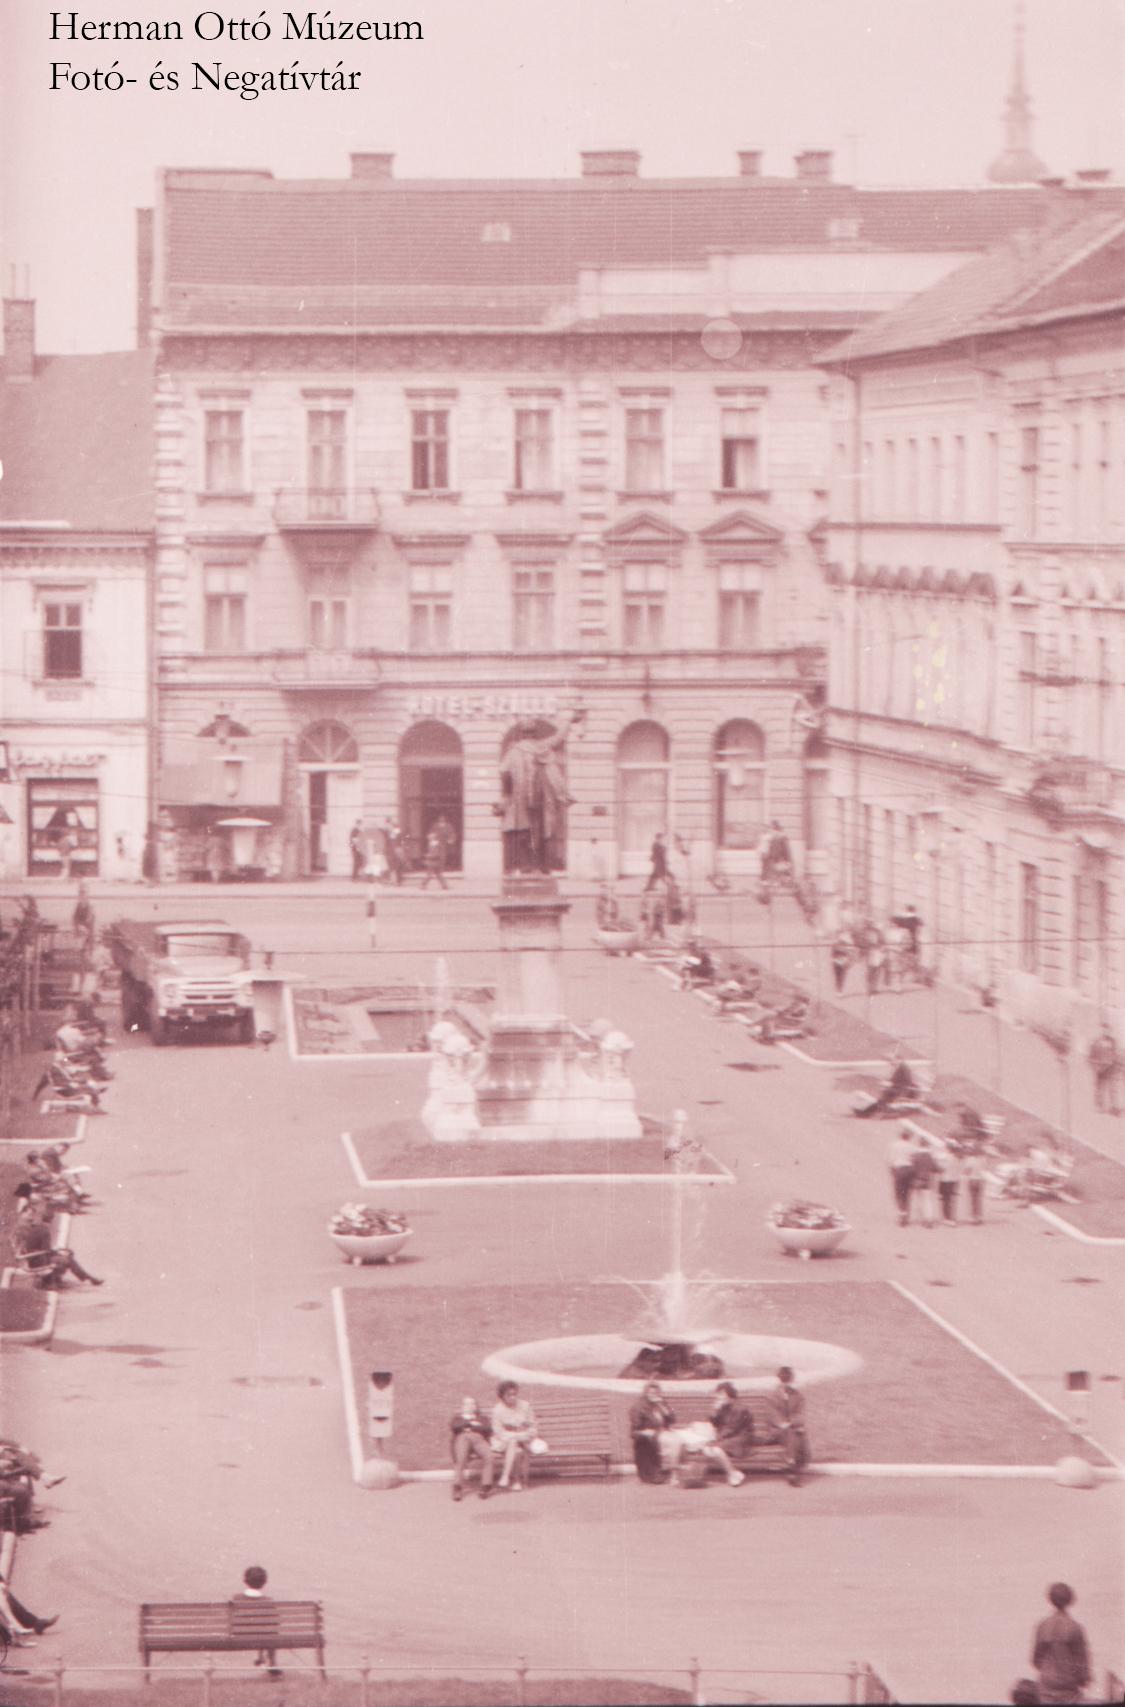 Herman Ottó Múzeum Fotó- és Negatívtára. Miskolc látképe, Szabadság tér. Bodgál Ferenc, 1966. június. Leltári szám: HOM_FN_14767